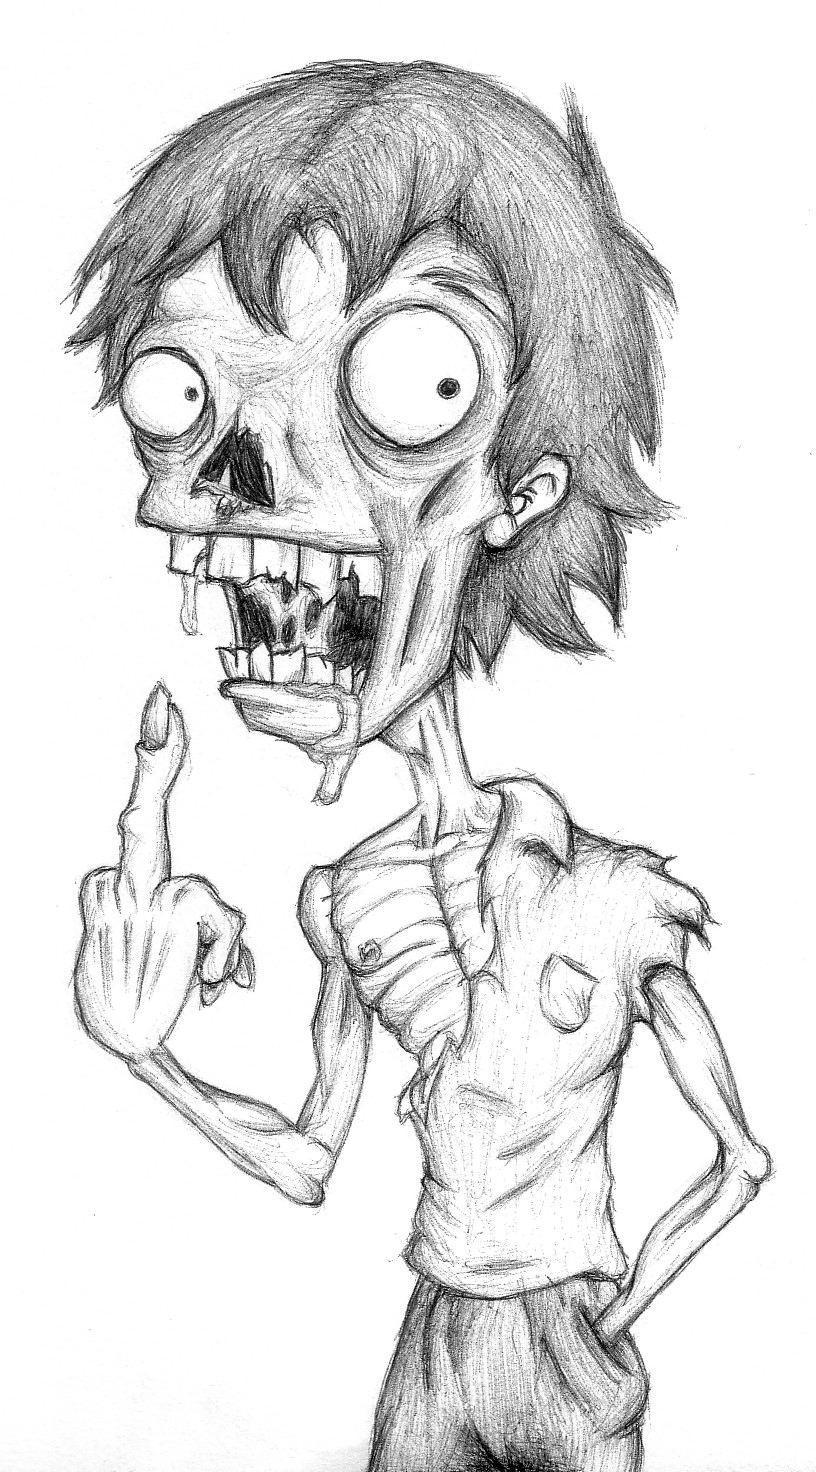 Zombie by marciswierd32 on DeviantArt